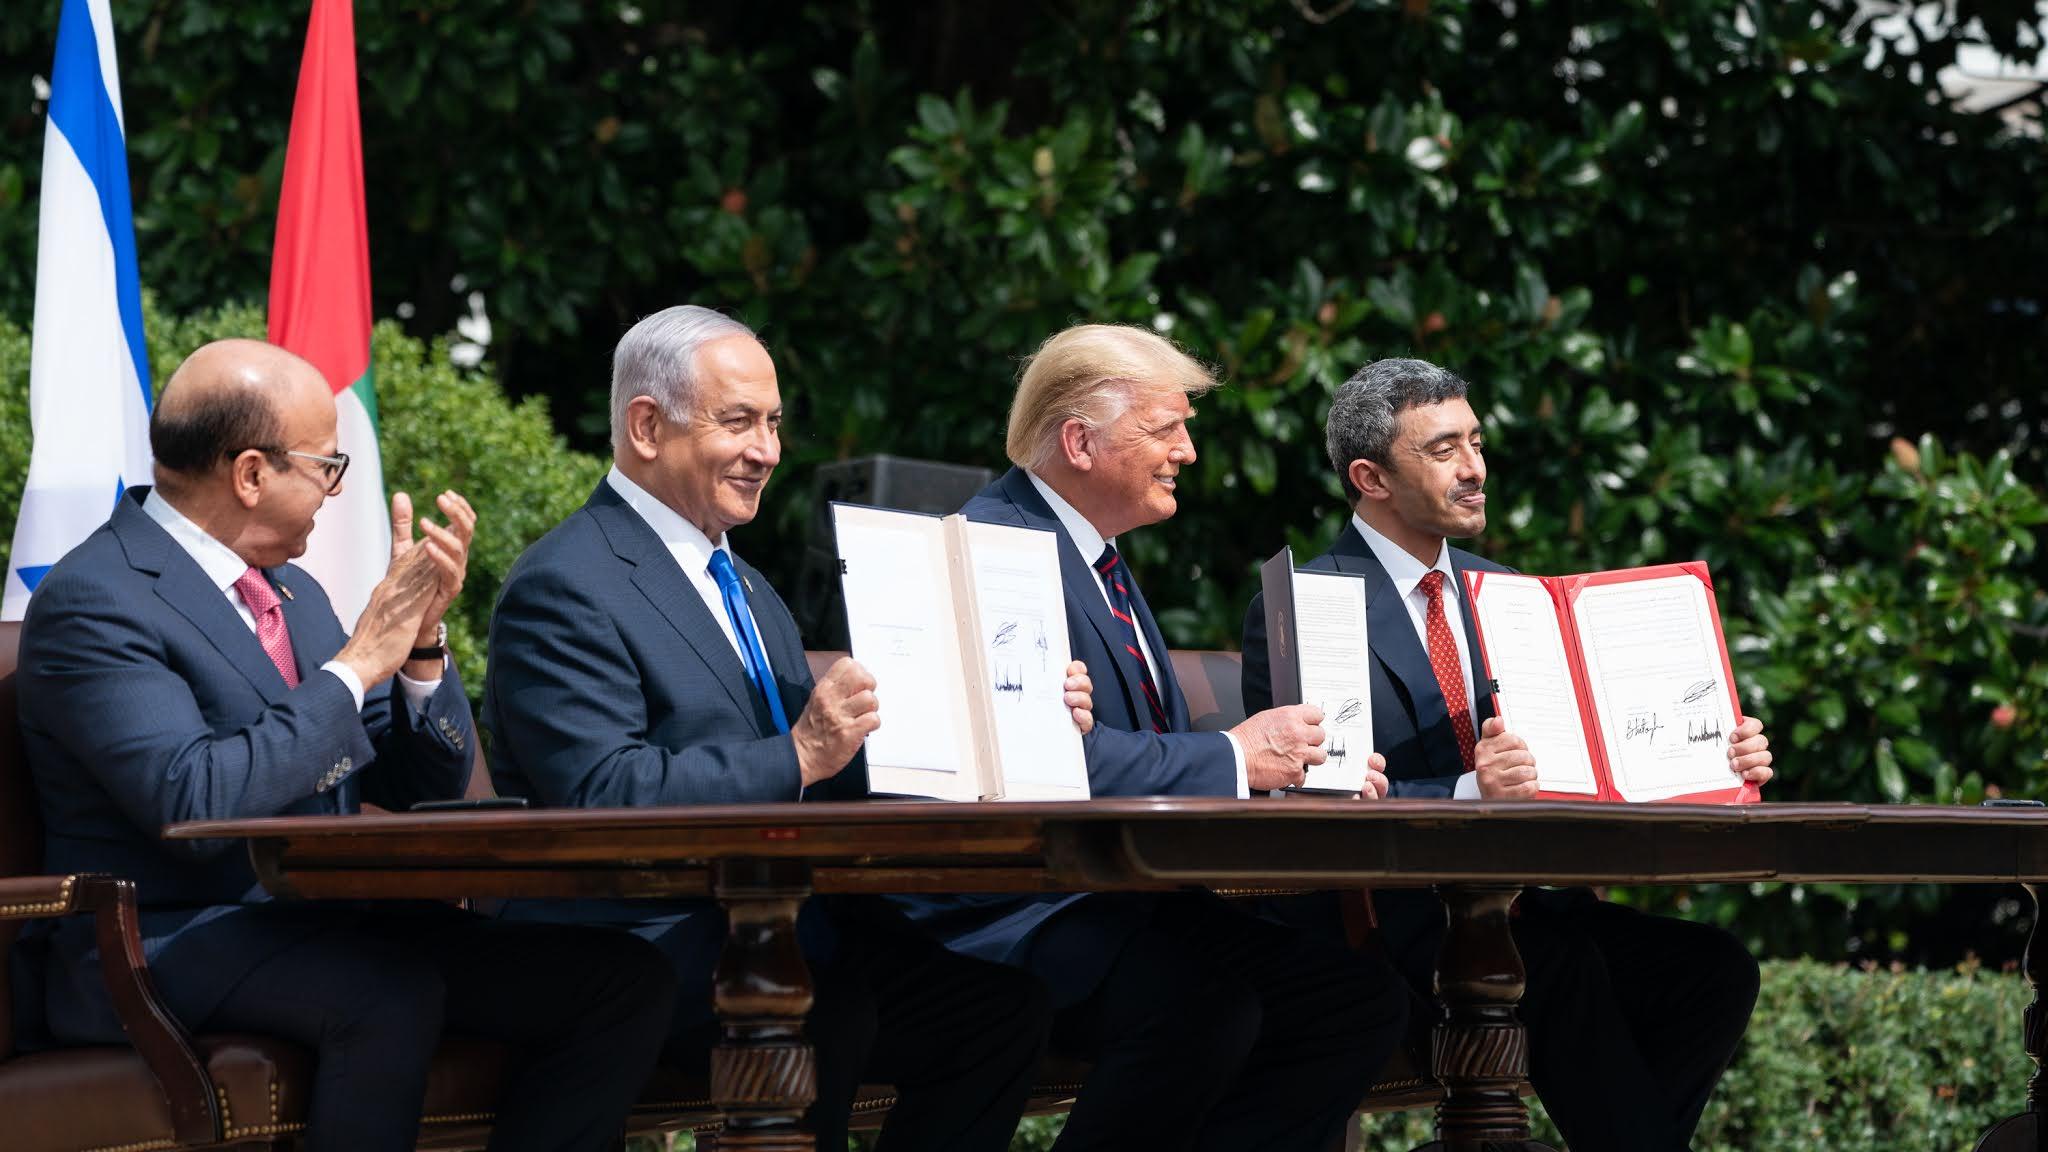 هل صفقة التطبيع حقا مكسبا لإسرائيل؟